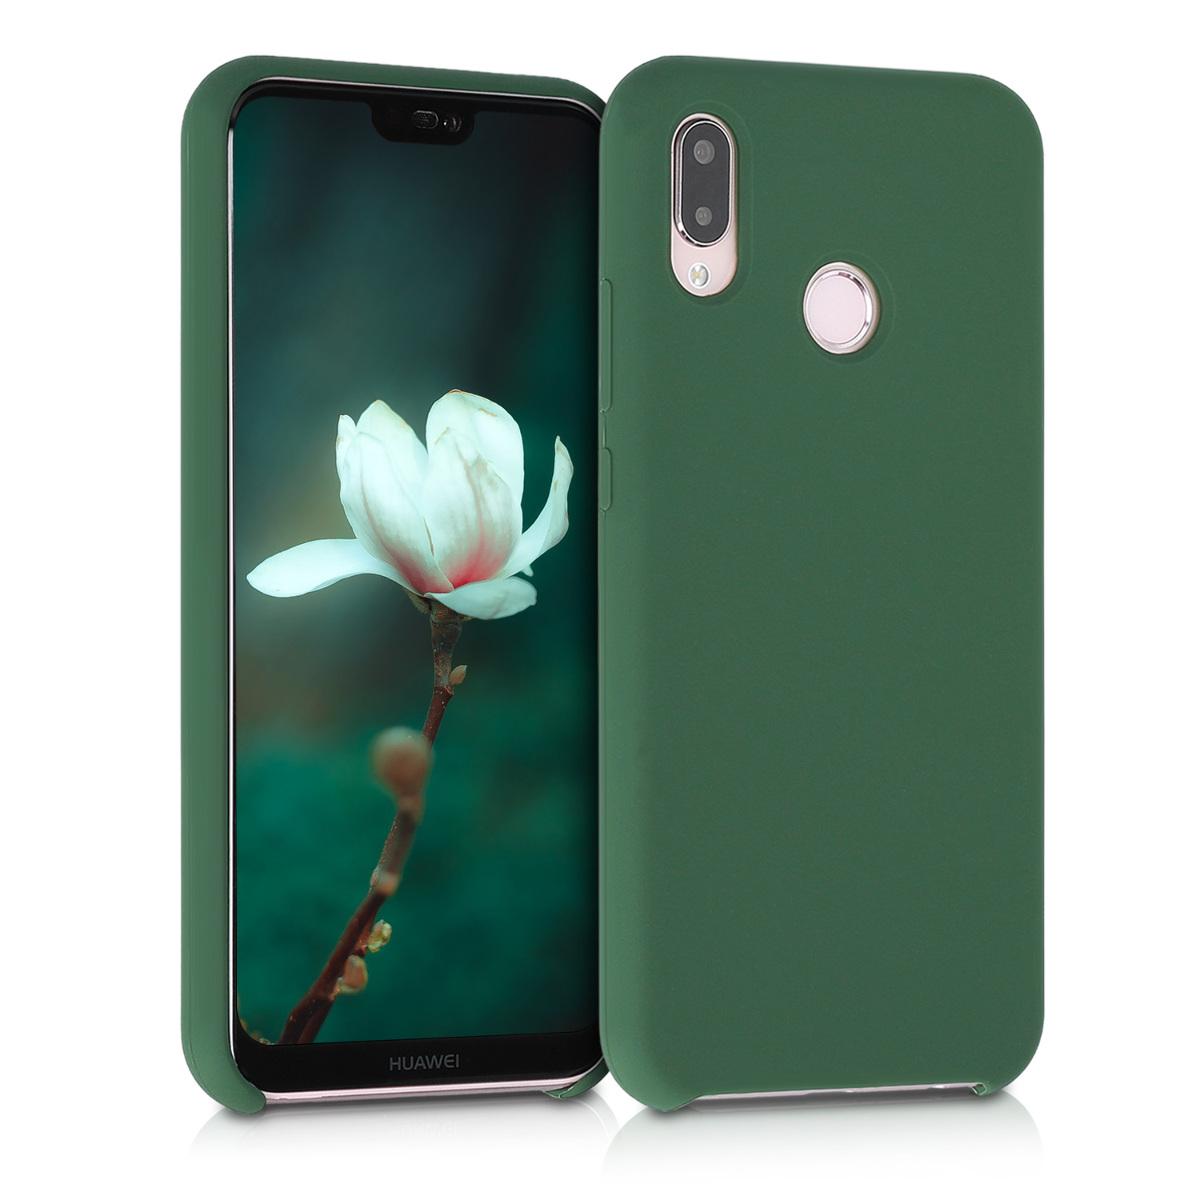 KW Θήκη Σιλικόνης Huawei P20 Lite - Dark Green - (45687.80)